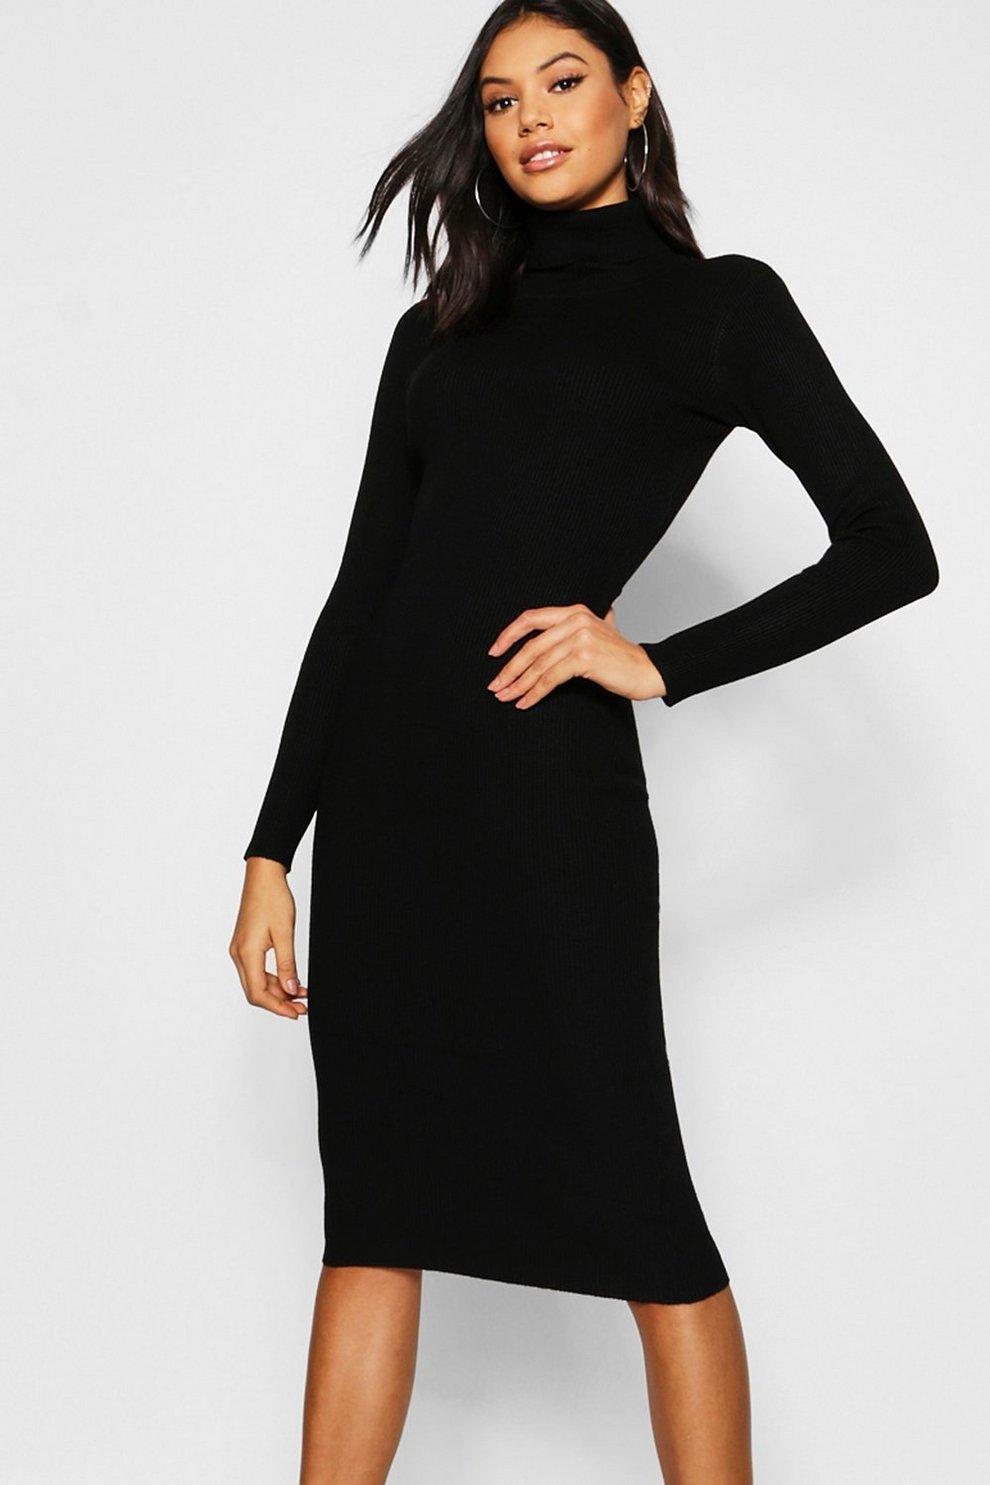 df142bc5dd0 Womens Black Rib Knit Roll Neck Midi Dress